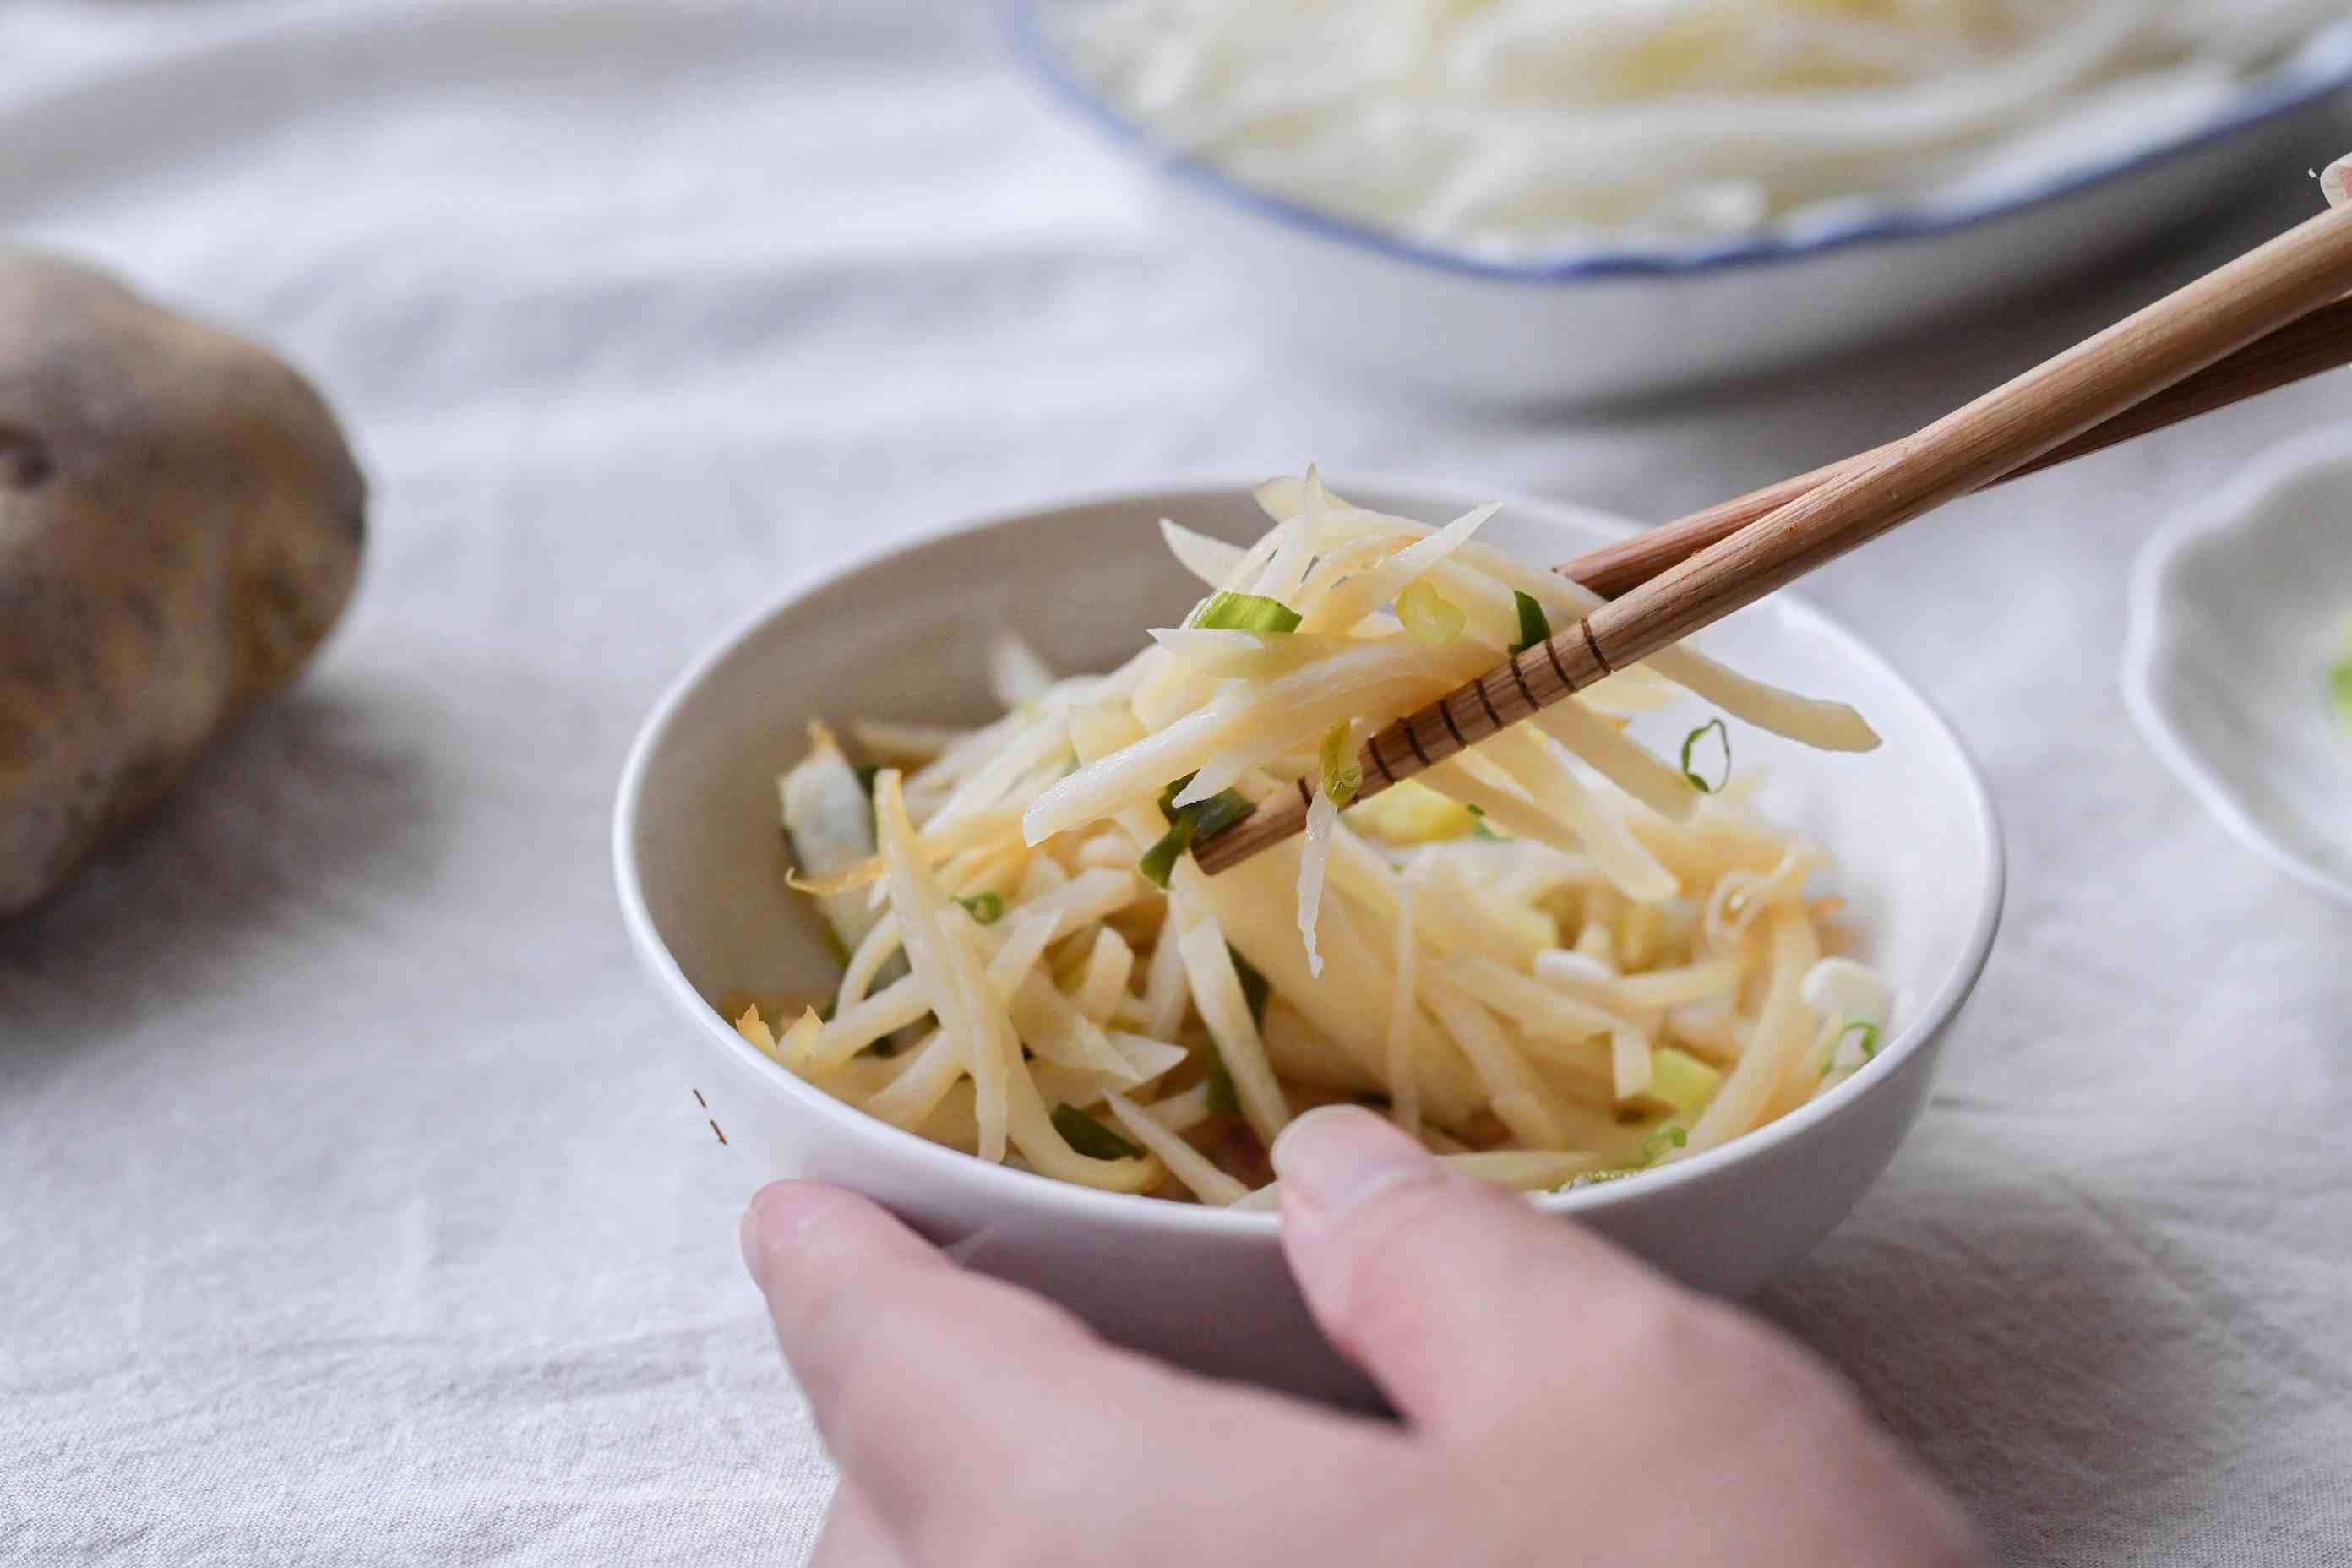 日式柚子辣椒醬醋溜土豆絲